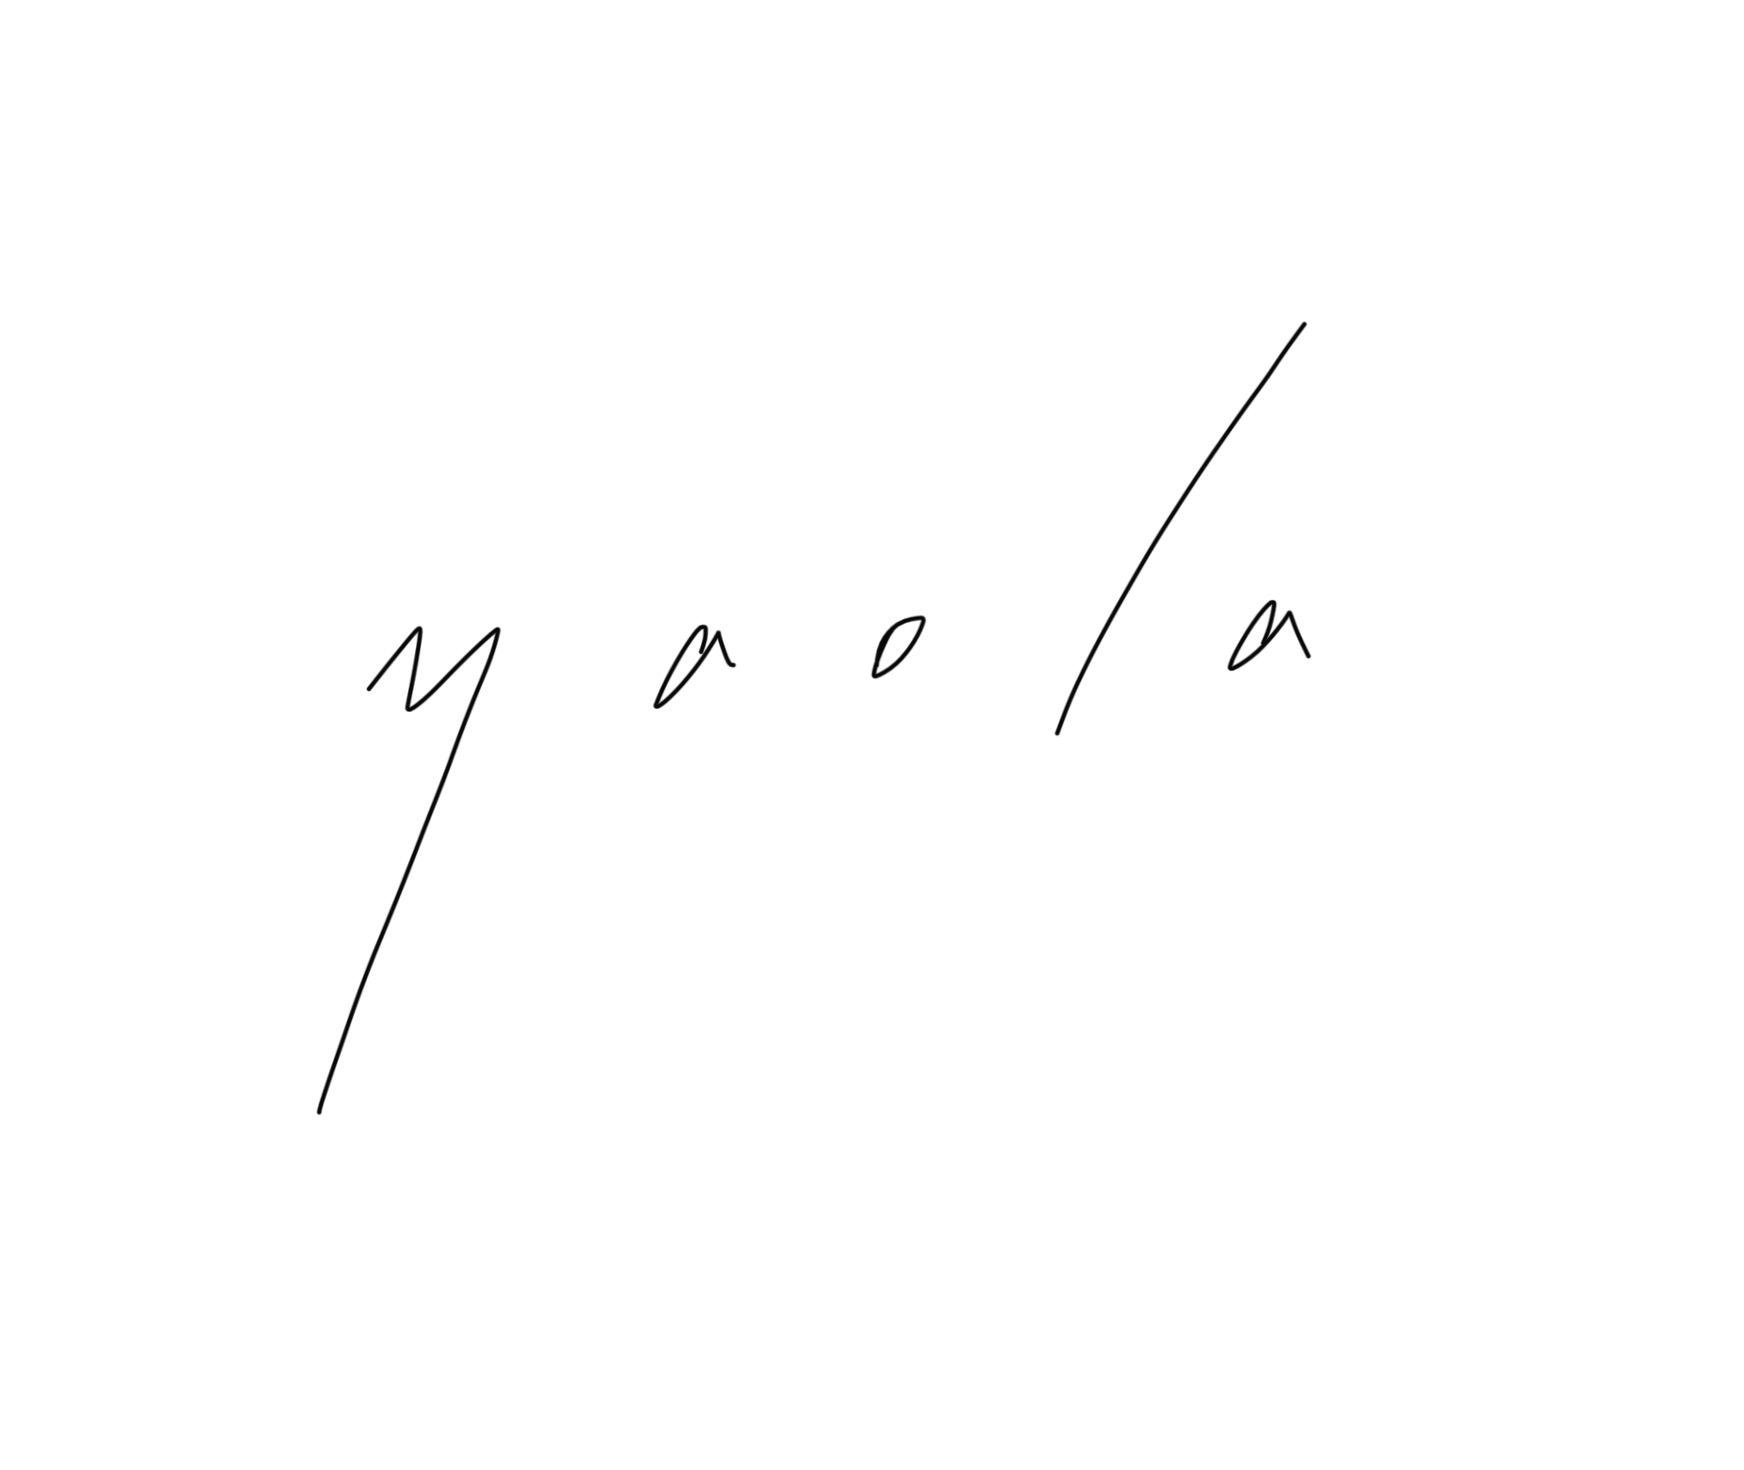 yaola